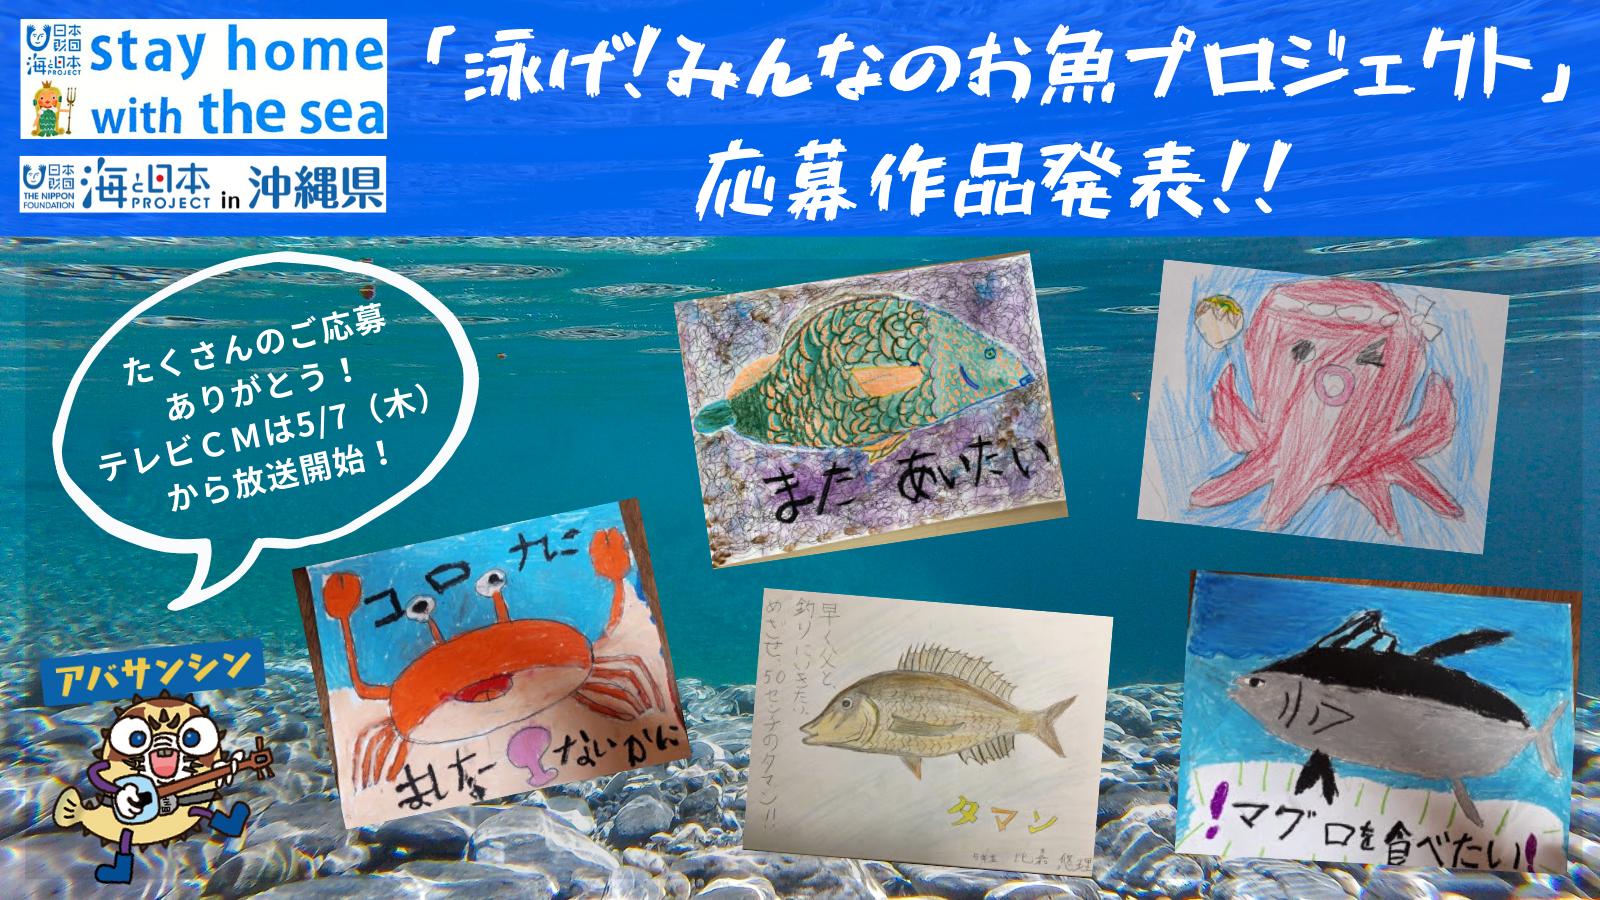 泳げ!みんなのお魚プロジェクト応募作品発表(16_9)